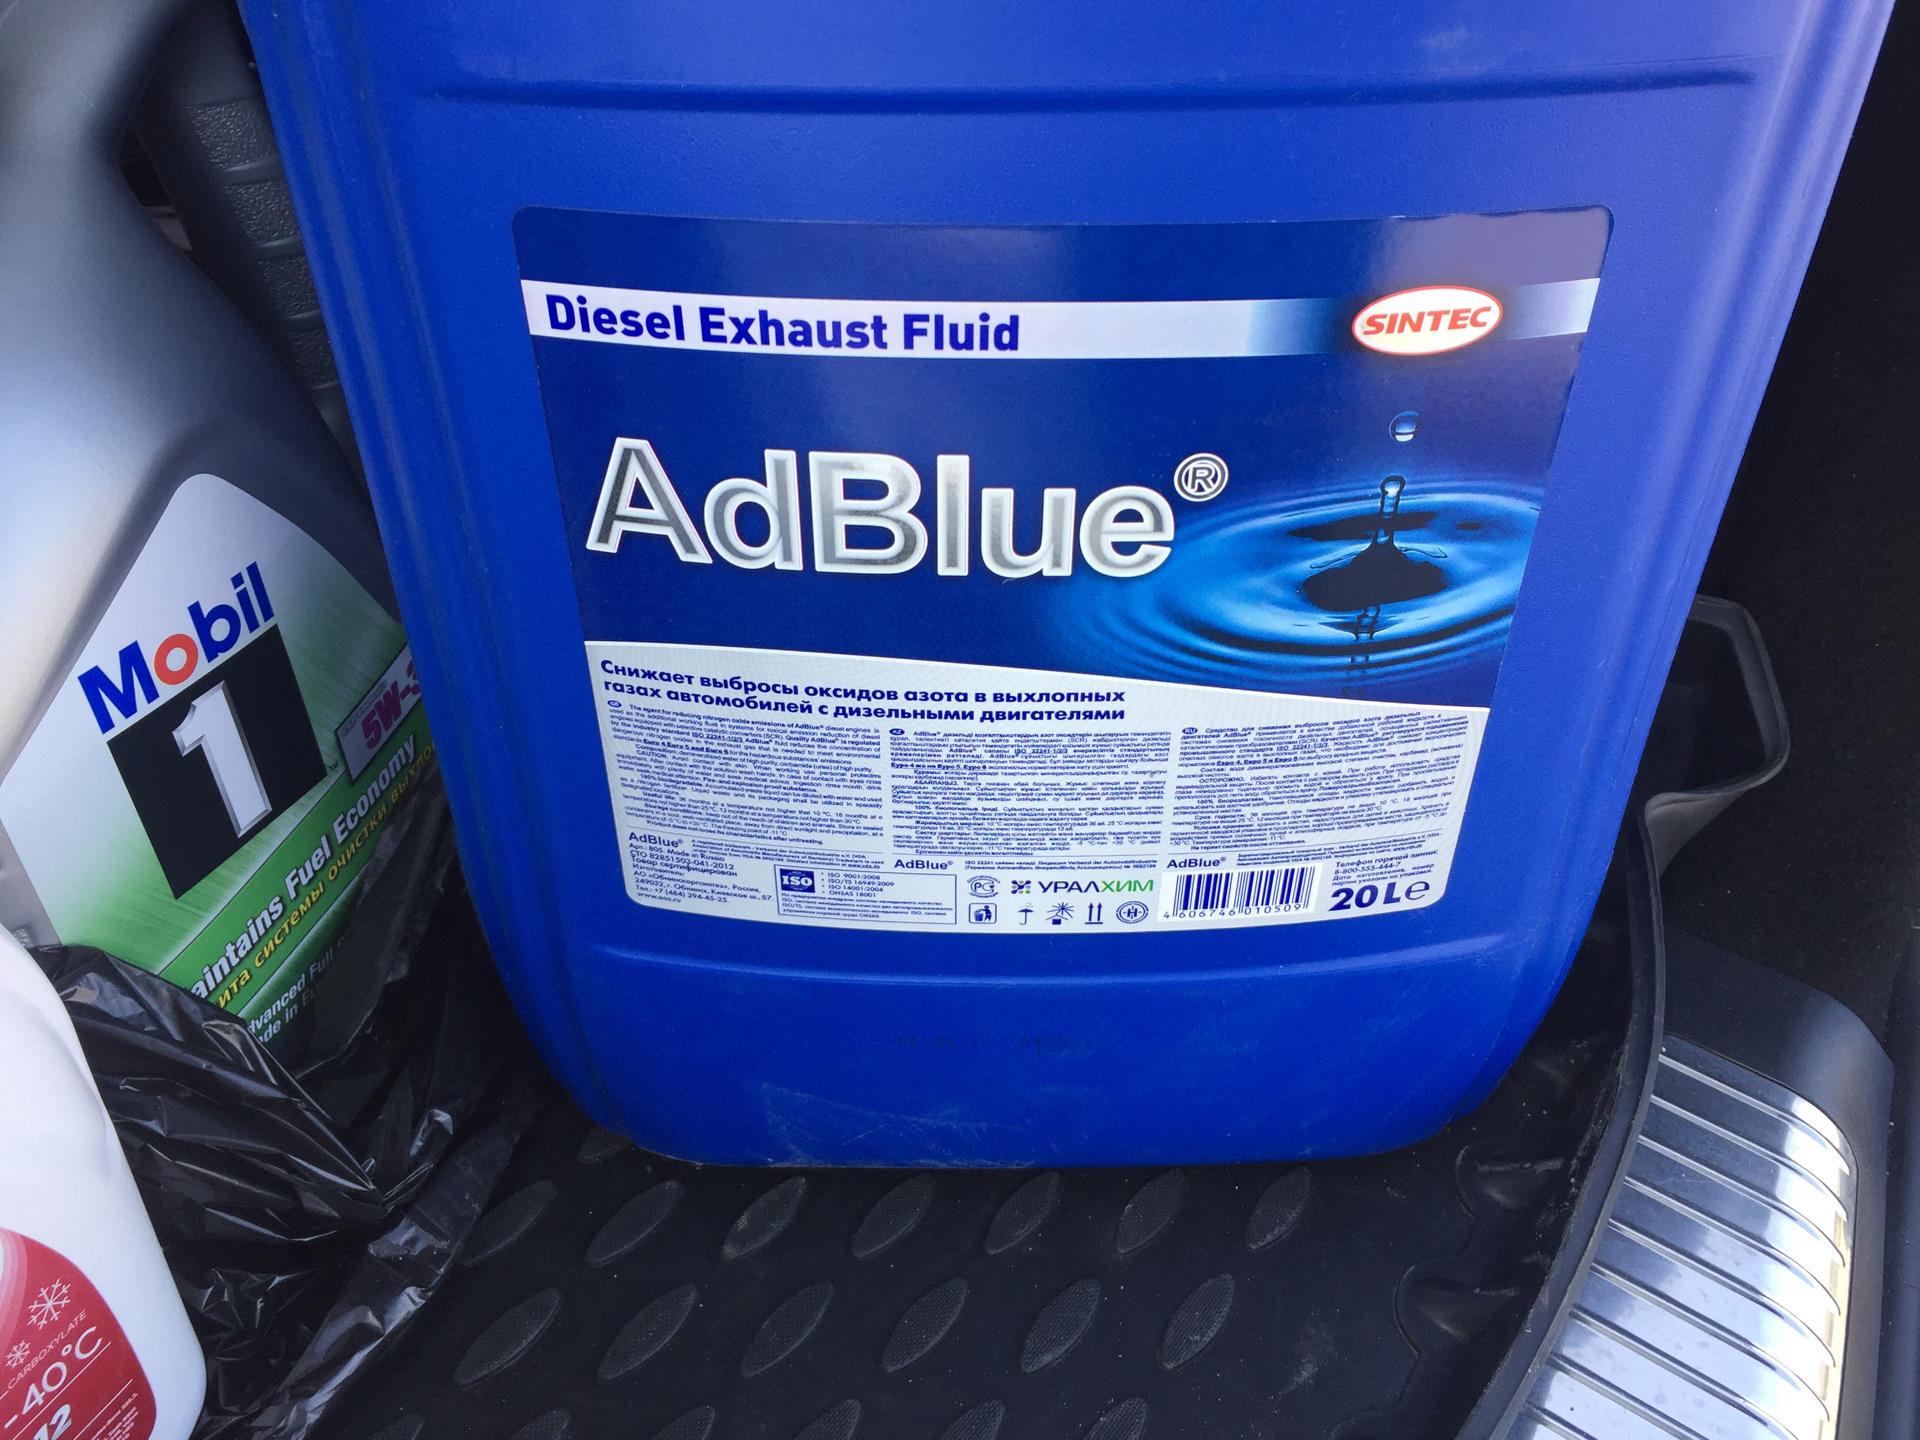 Система adblue: что это такое, и для чего нужна